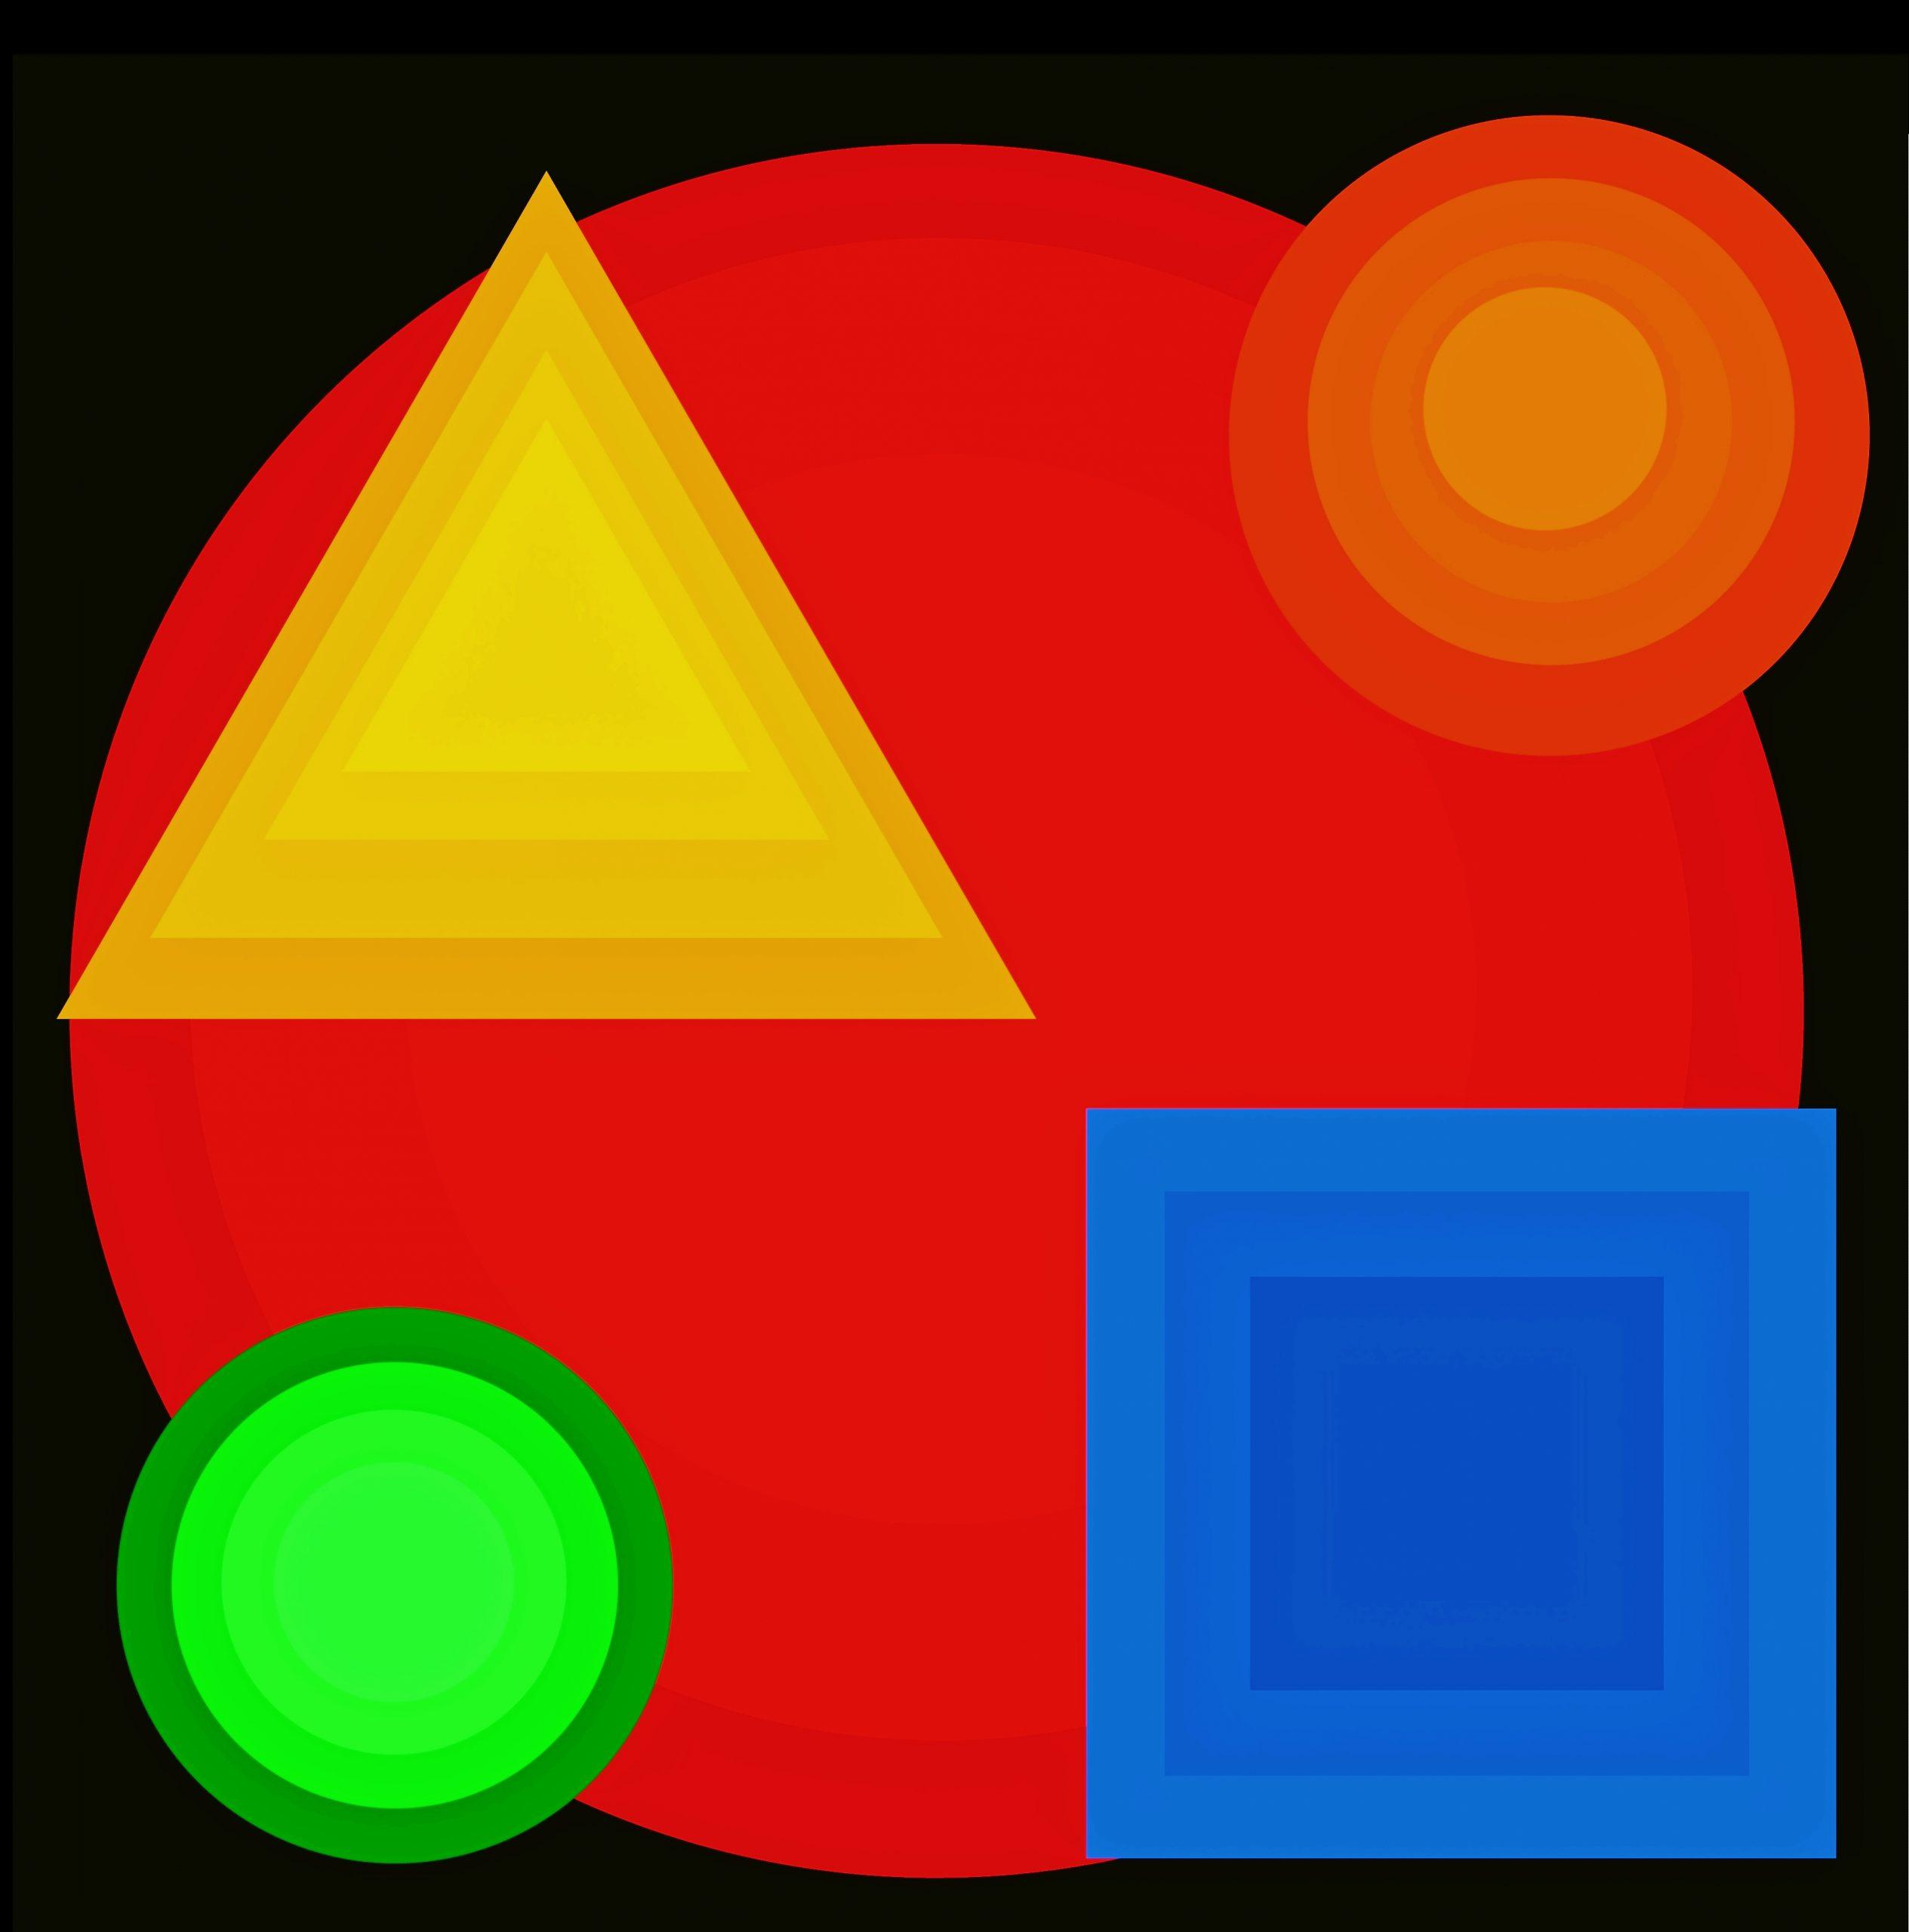 illustration of geometrical shapes